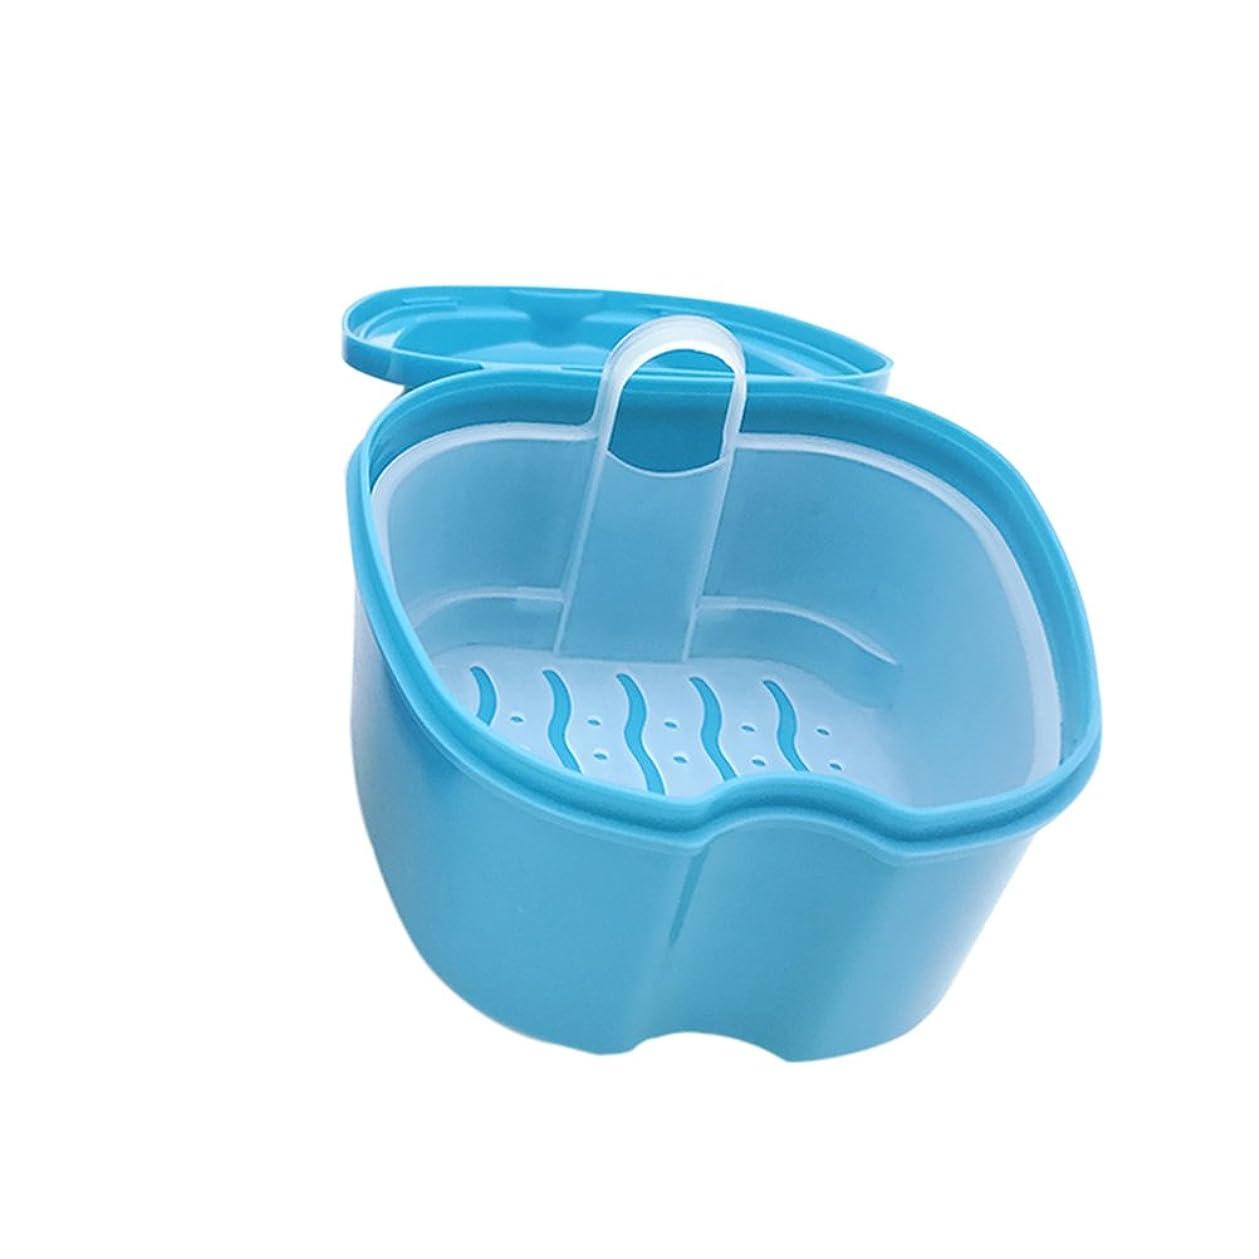 交渉する宮殿追い付くHealifty 義歯ボックスケース義歯バスボックスケースデンタル偽歯収納ボックス吊りネットコンテナー2PCS(ライトブルー)